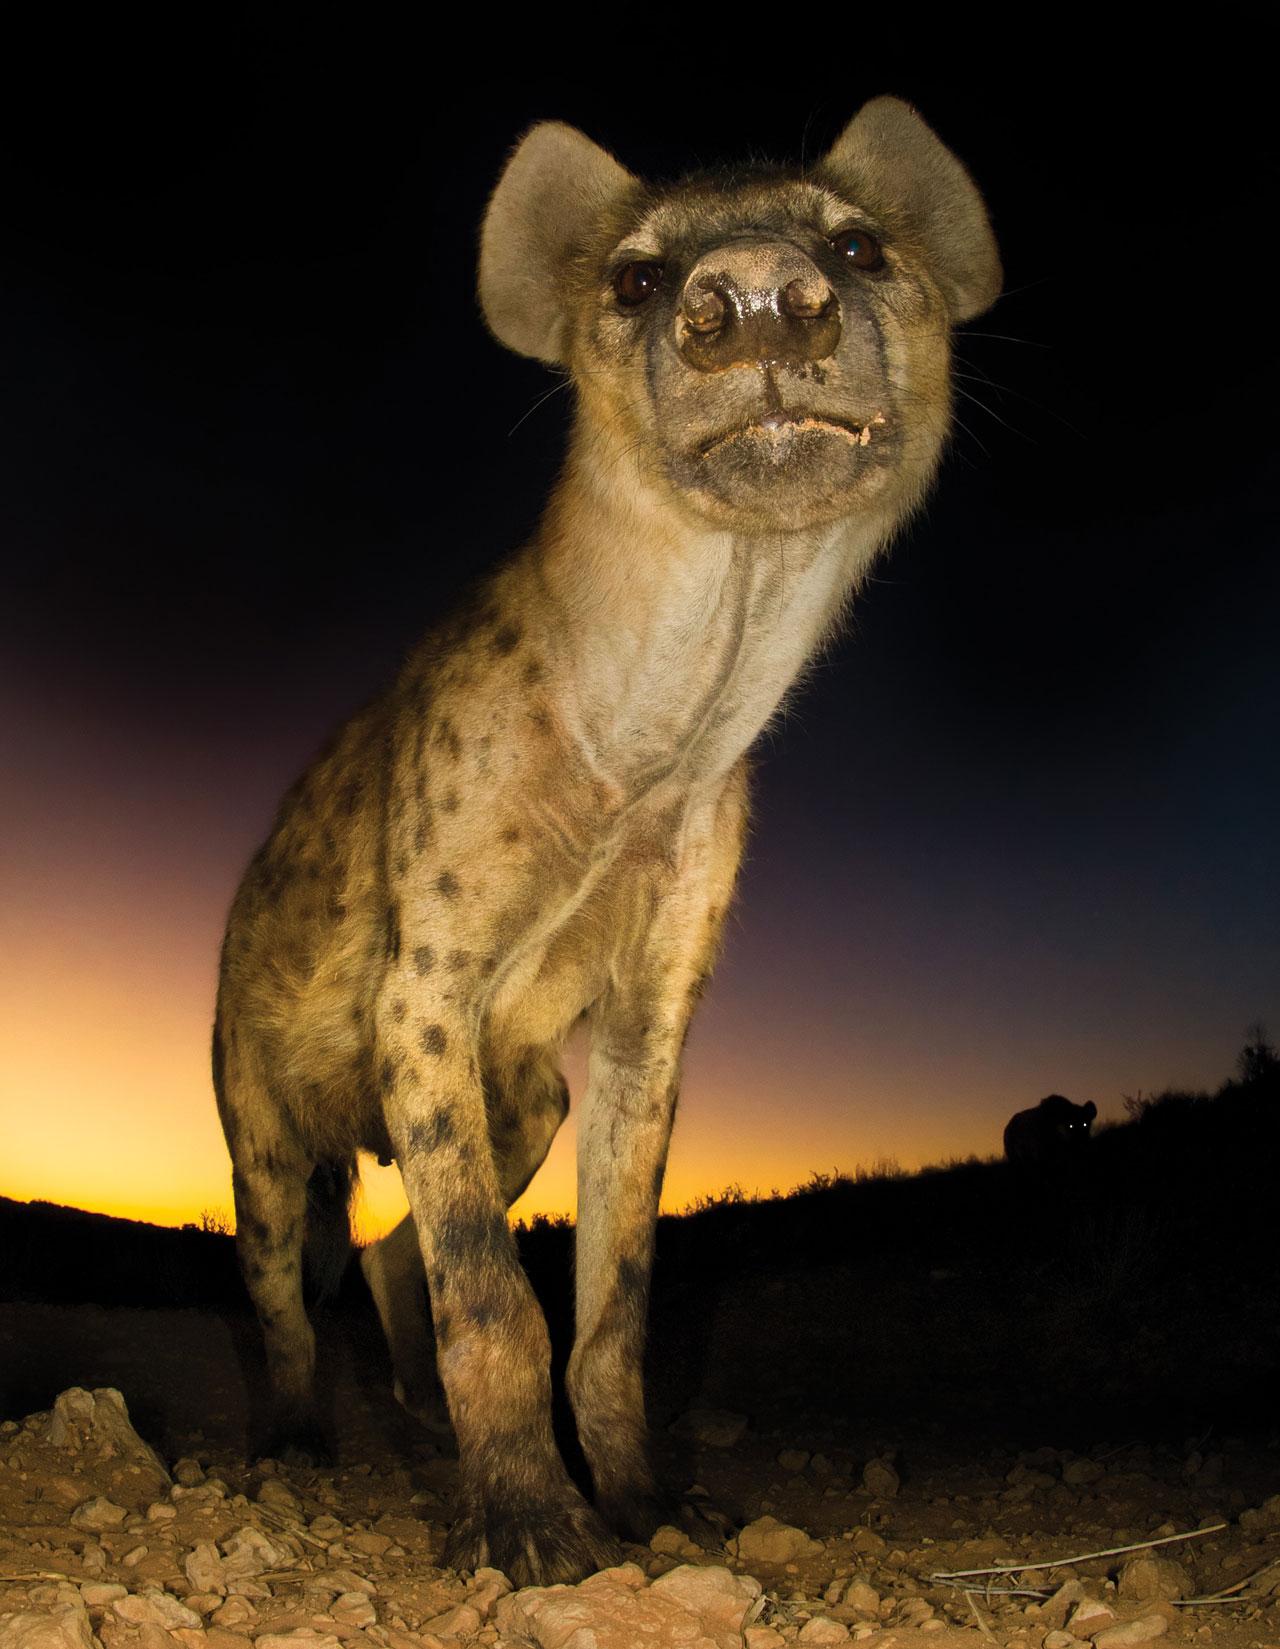 Hannes-Lochner-Kalahari-hyena-guard